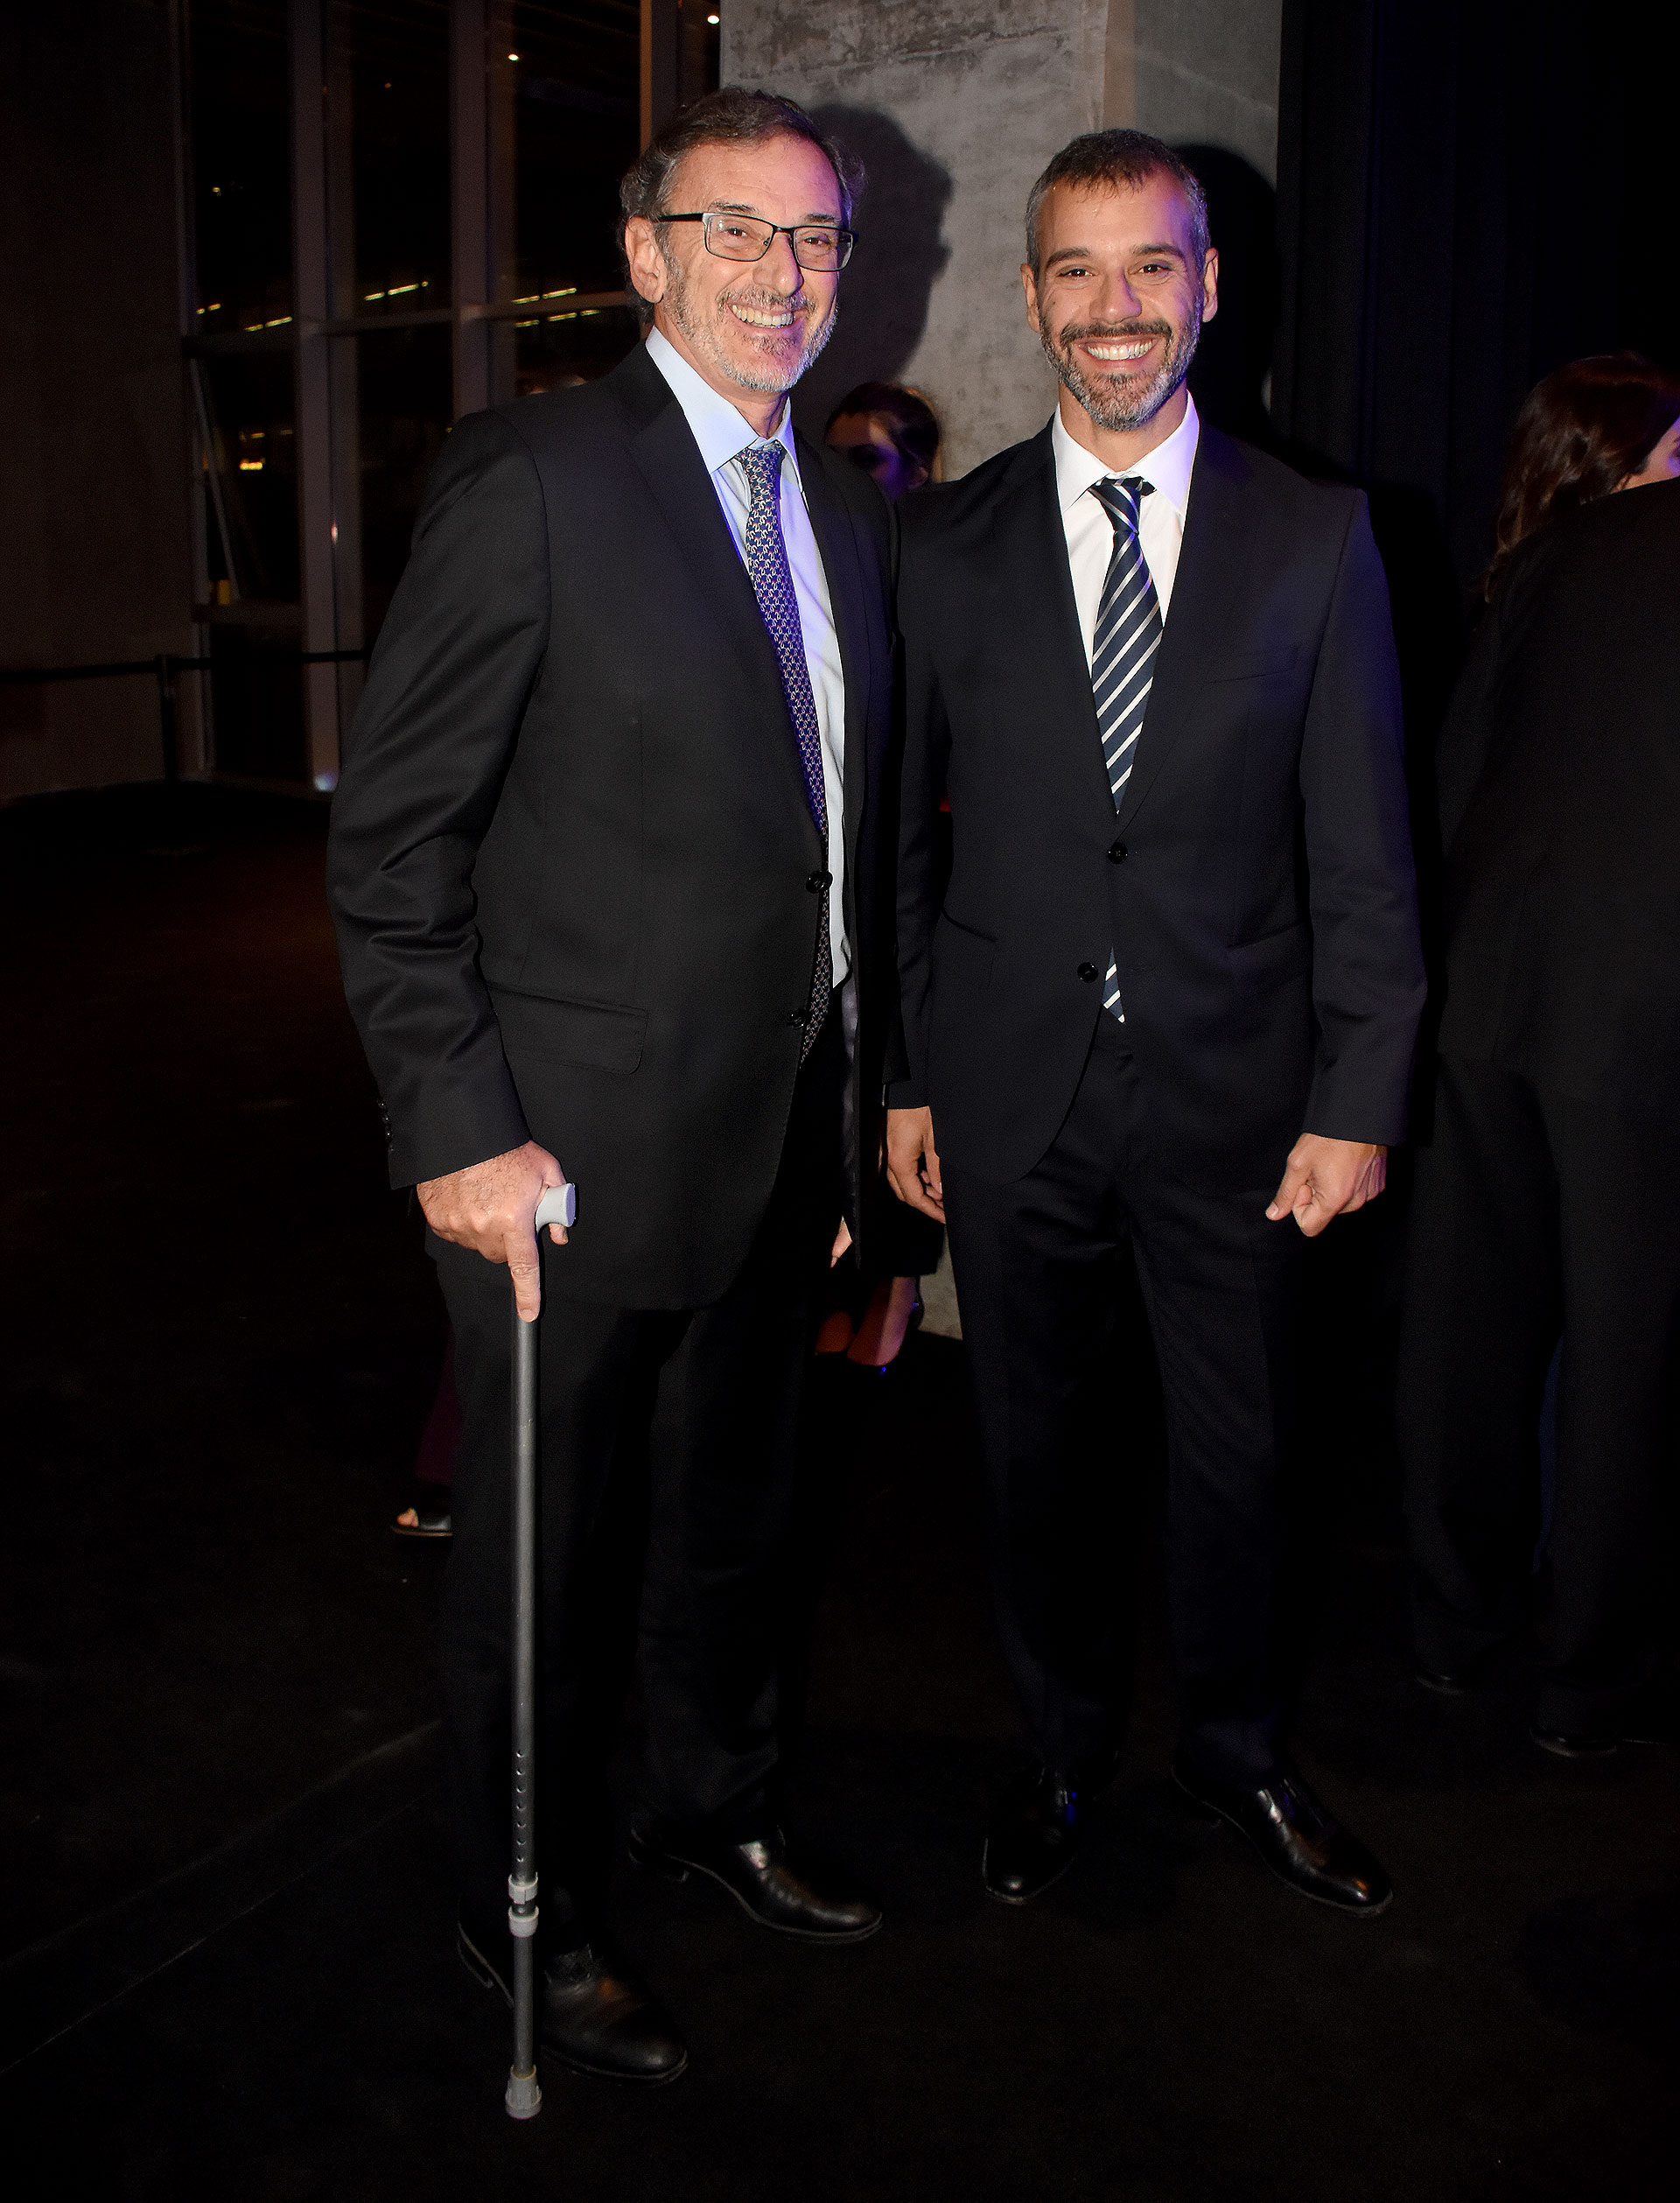 Claudio Cesario y Matías Beltrán (JP Morgan)